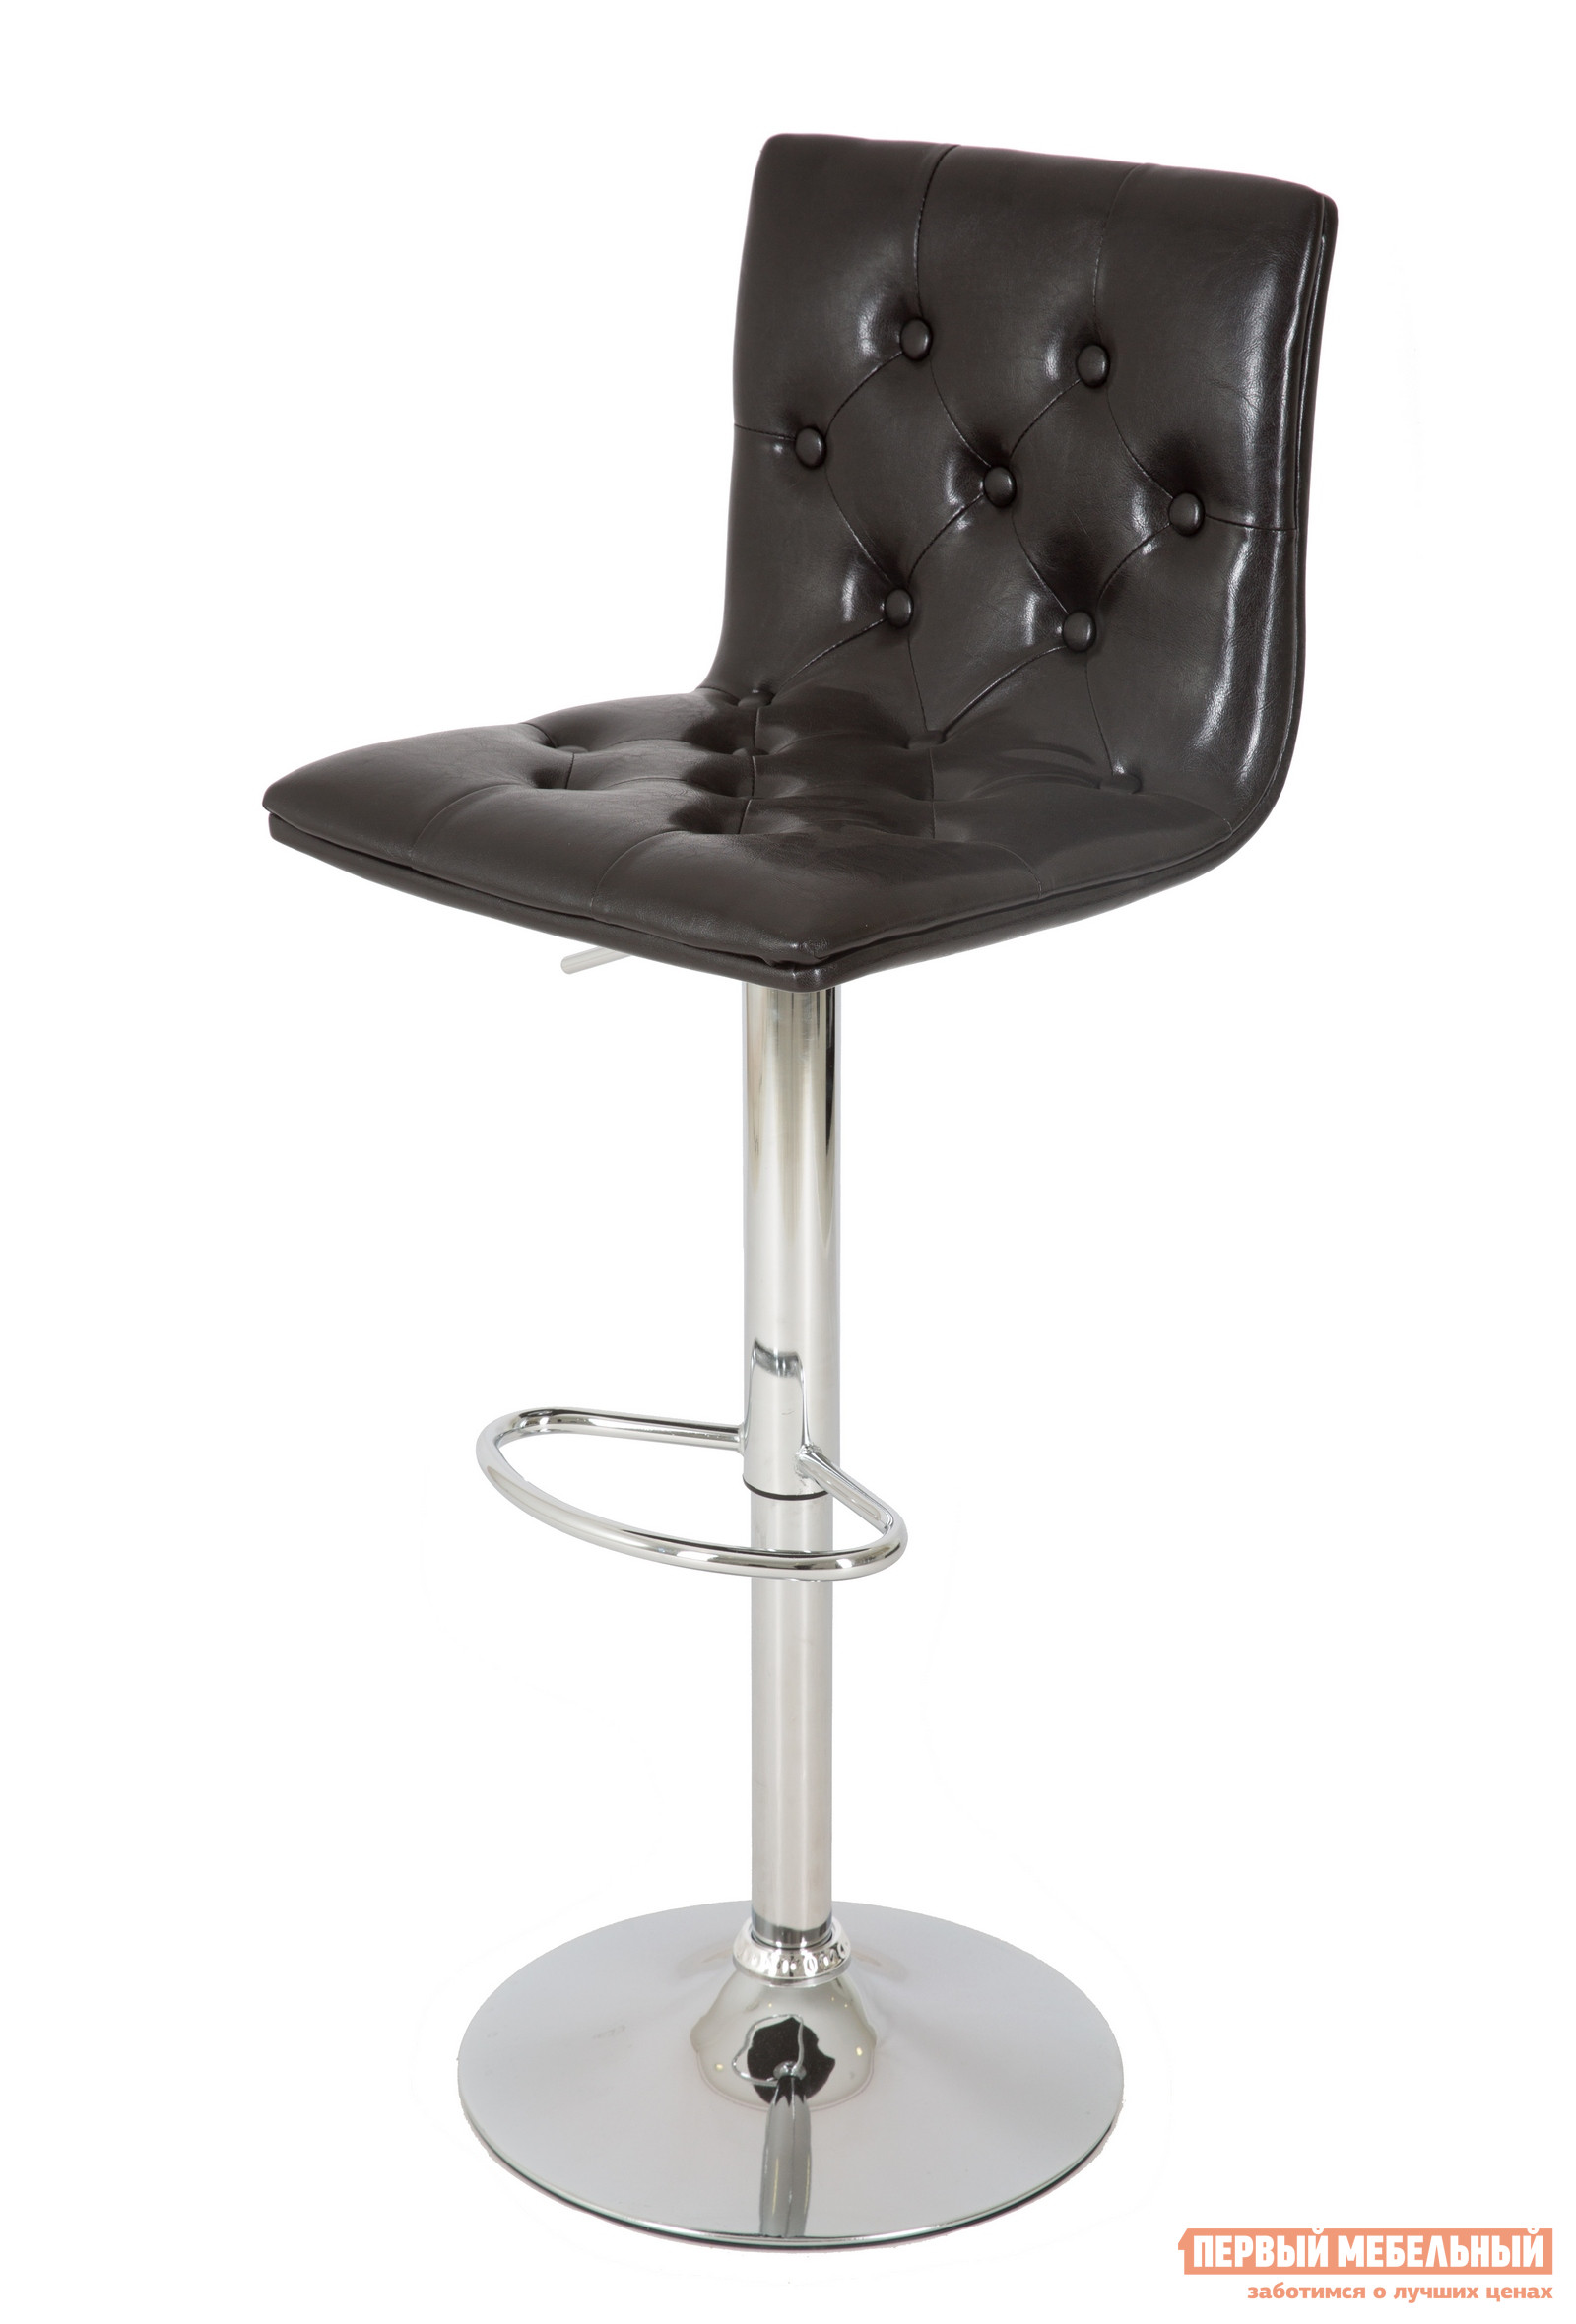 Барный стул Бентли Трейд JY-1012